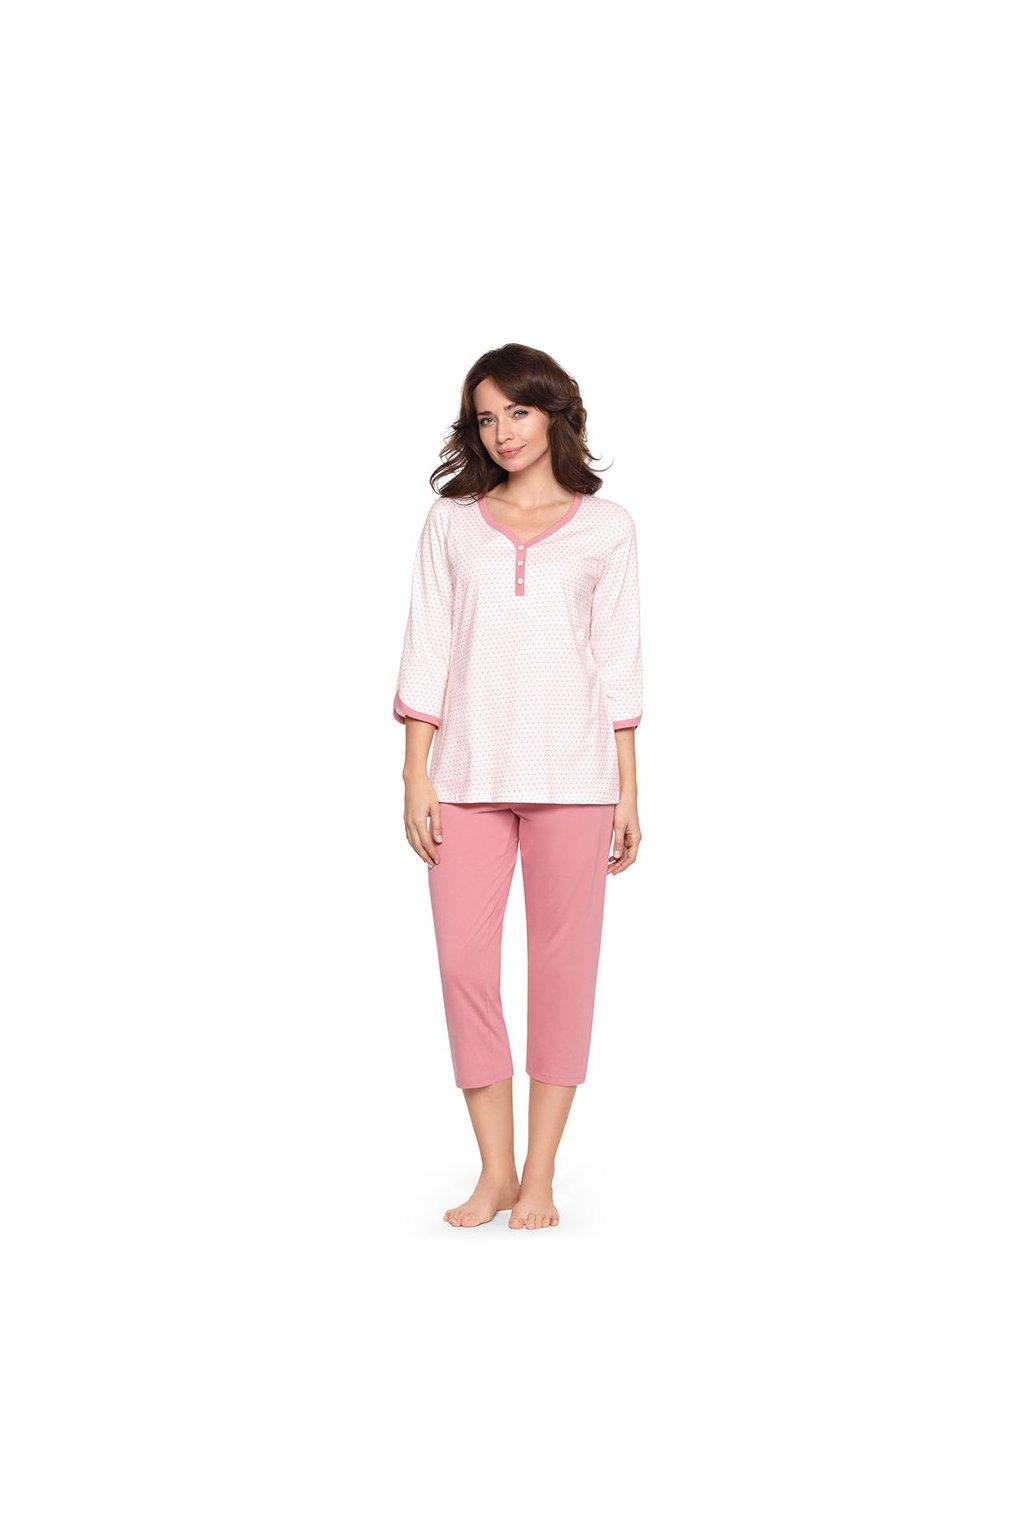 Dámské pyžamo s 3/4 rukávem, 104236 62, růžová